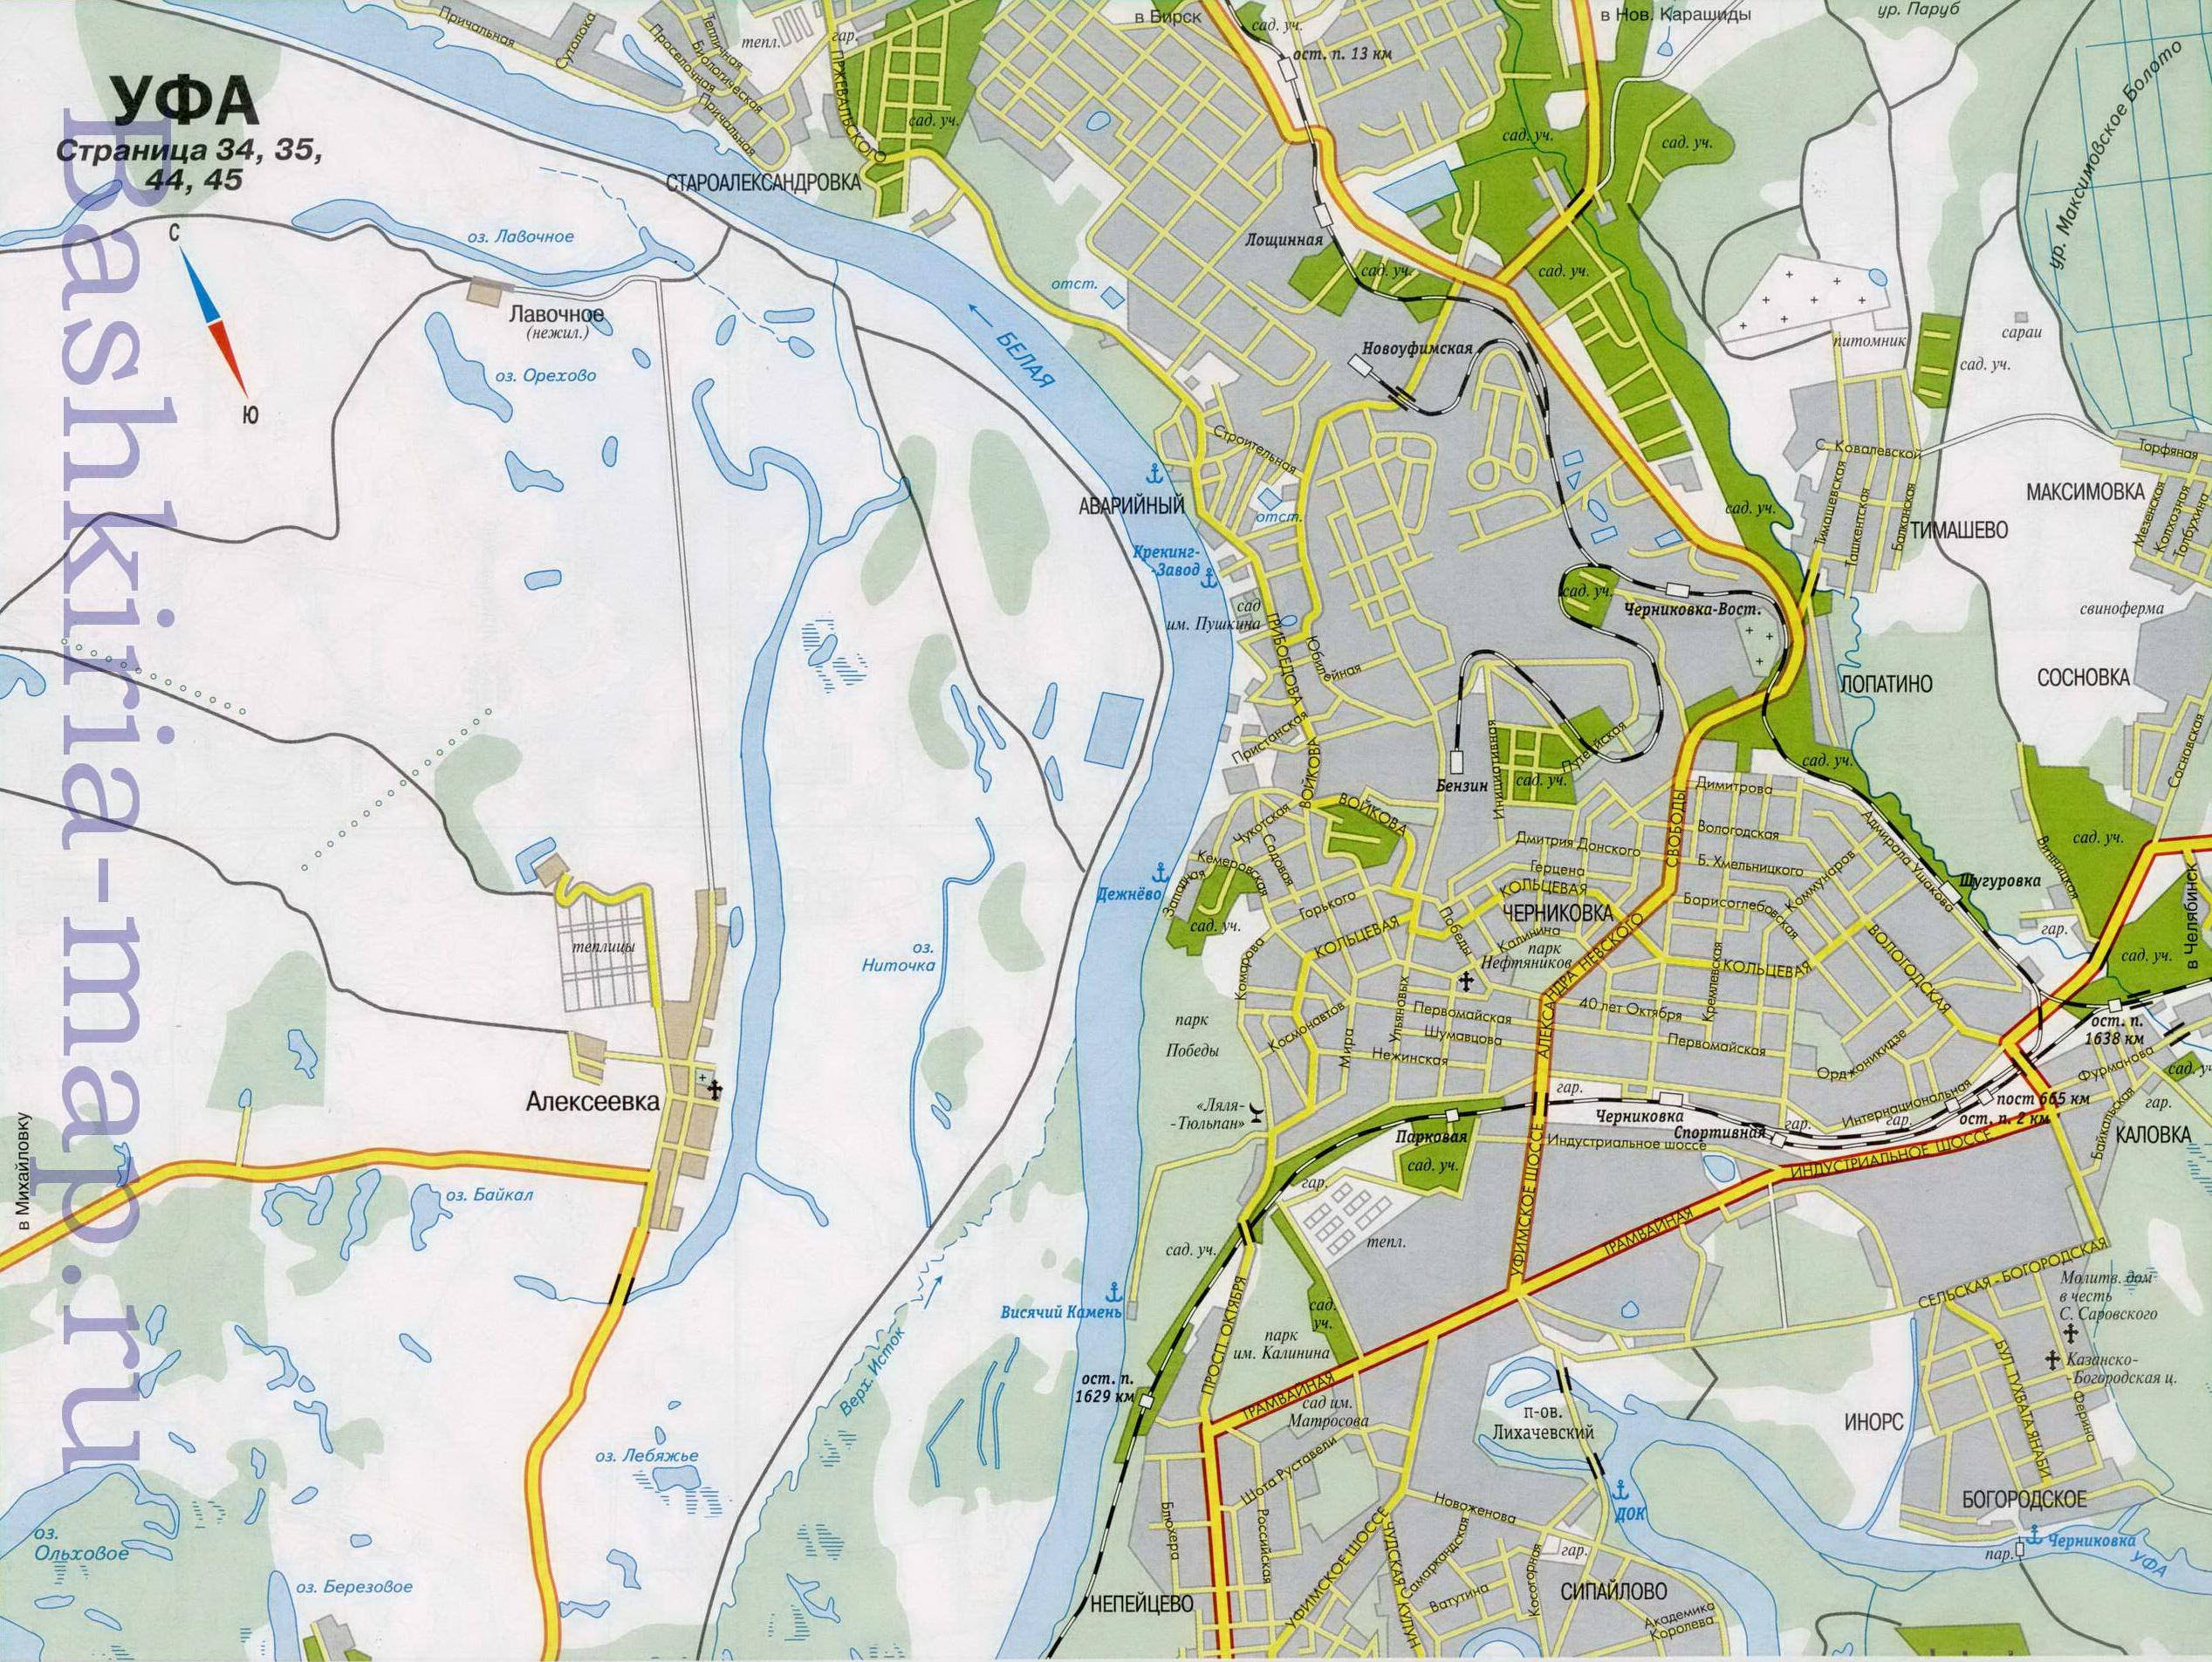 Карта схема Уфы.  Подробная карта автодорог города Уфа.